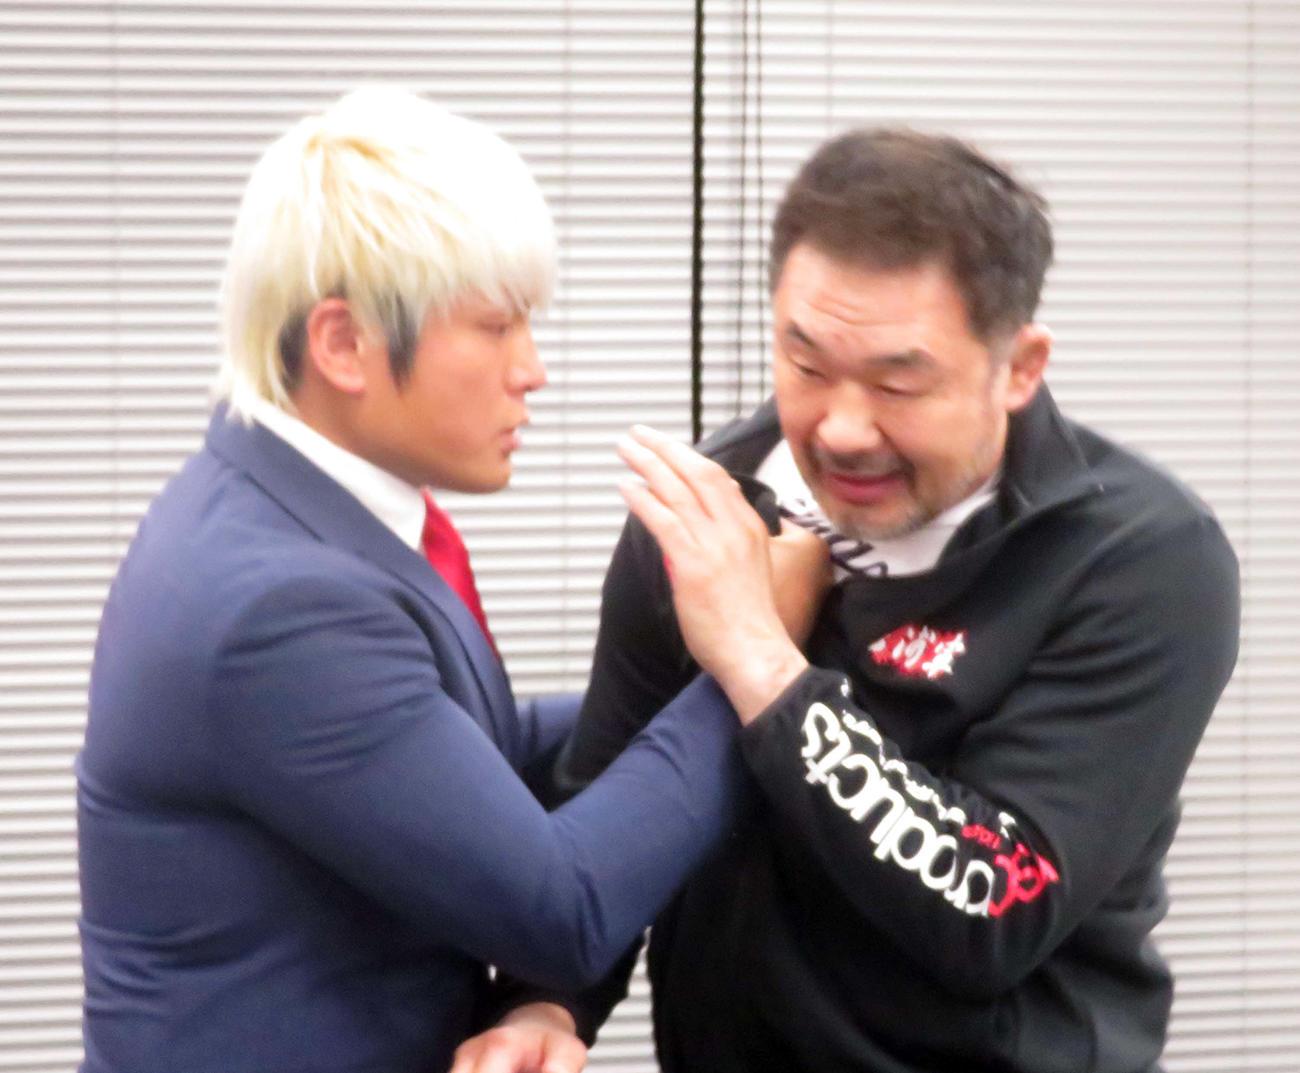 GHCナショナル選手権調印式後の会見中に桜庭和志(左)に襲いかかる拳王(撮影:松熊洋介)